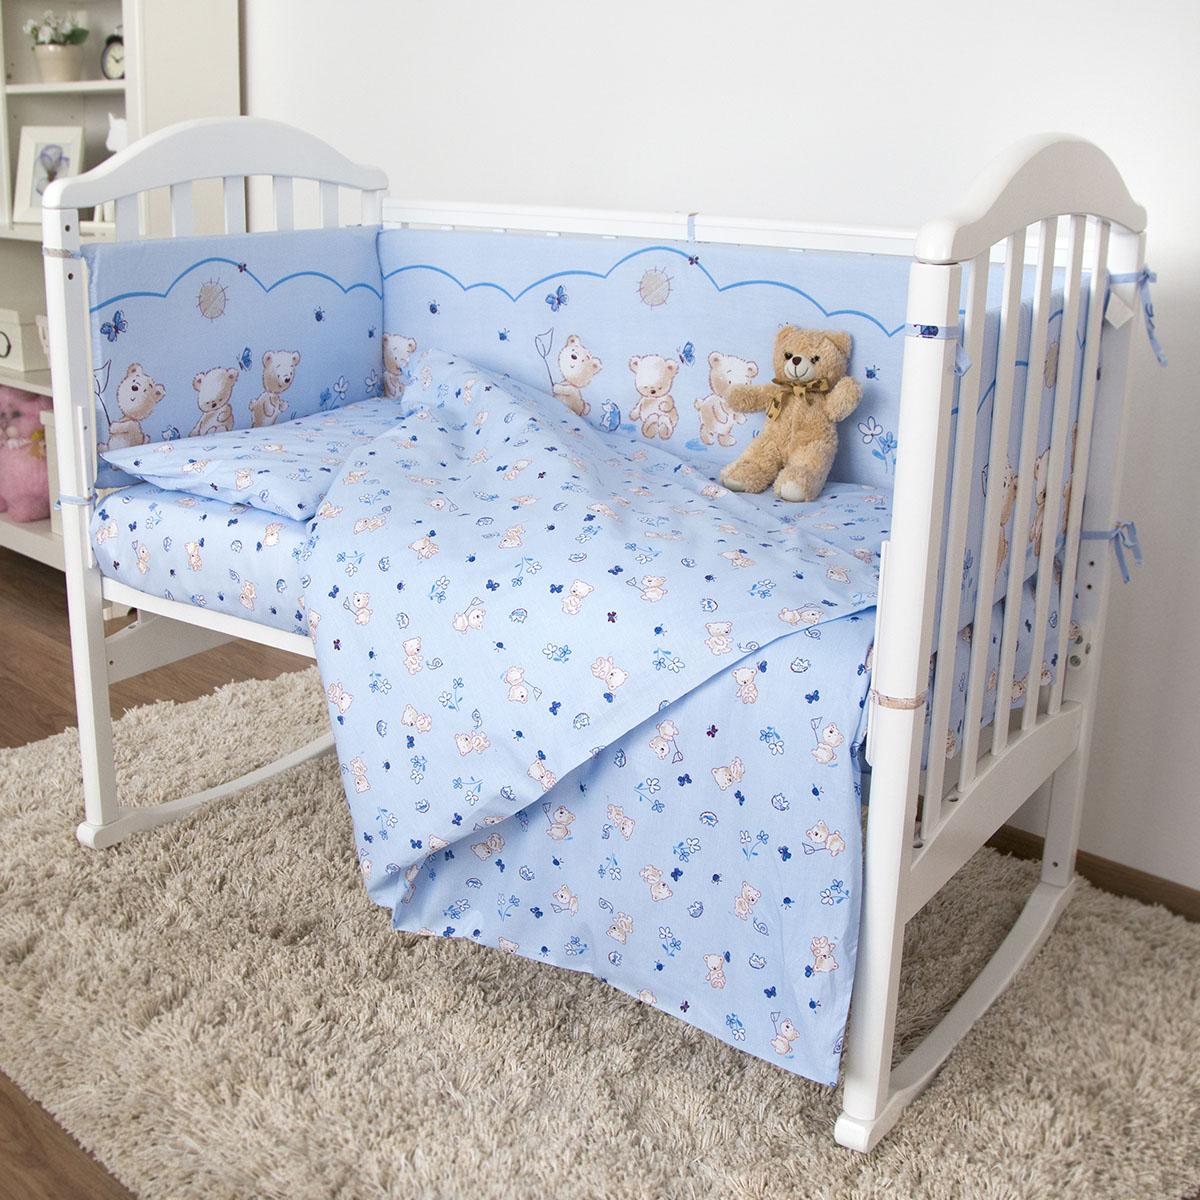 Комплект в кроватку Споки Ноки 6 предметов Мишки (голубой)<br>